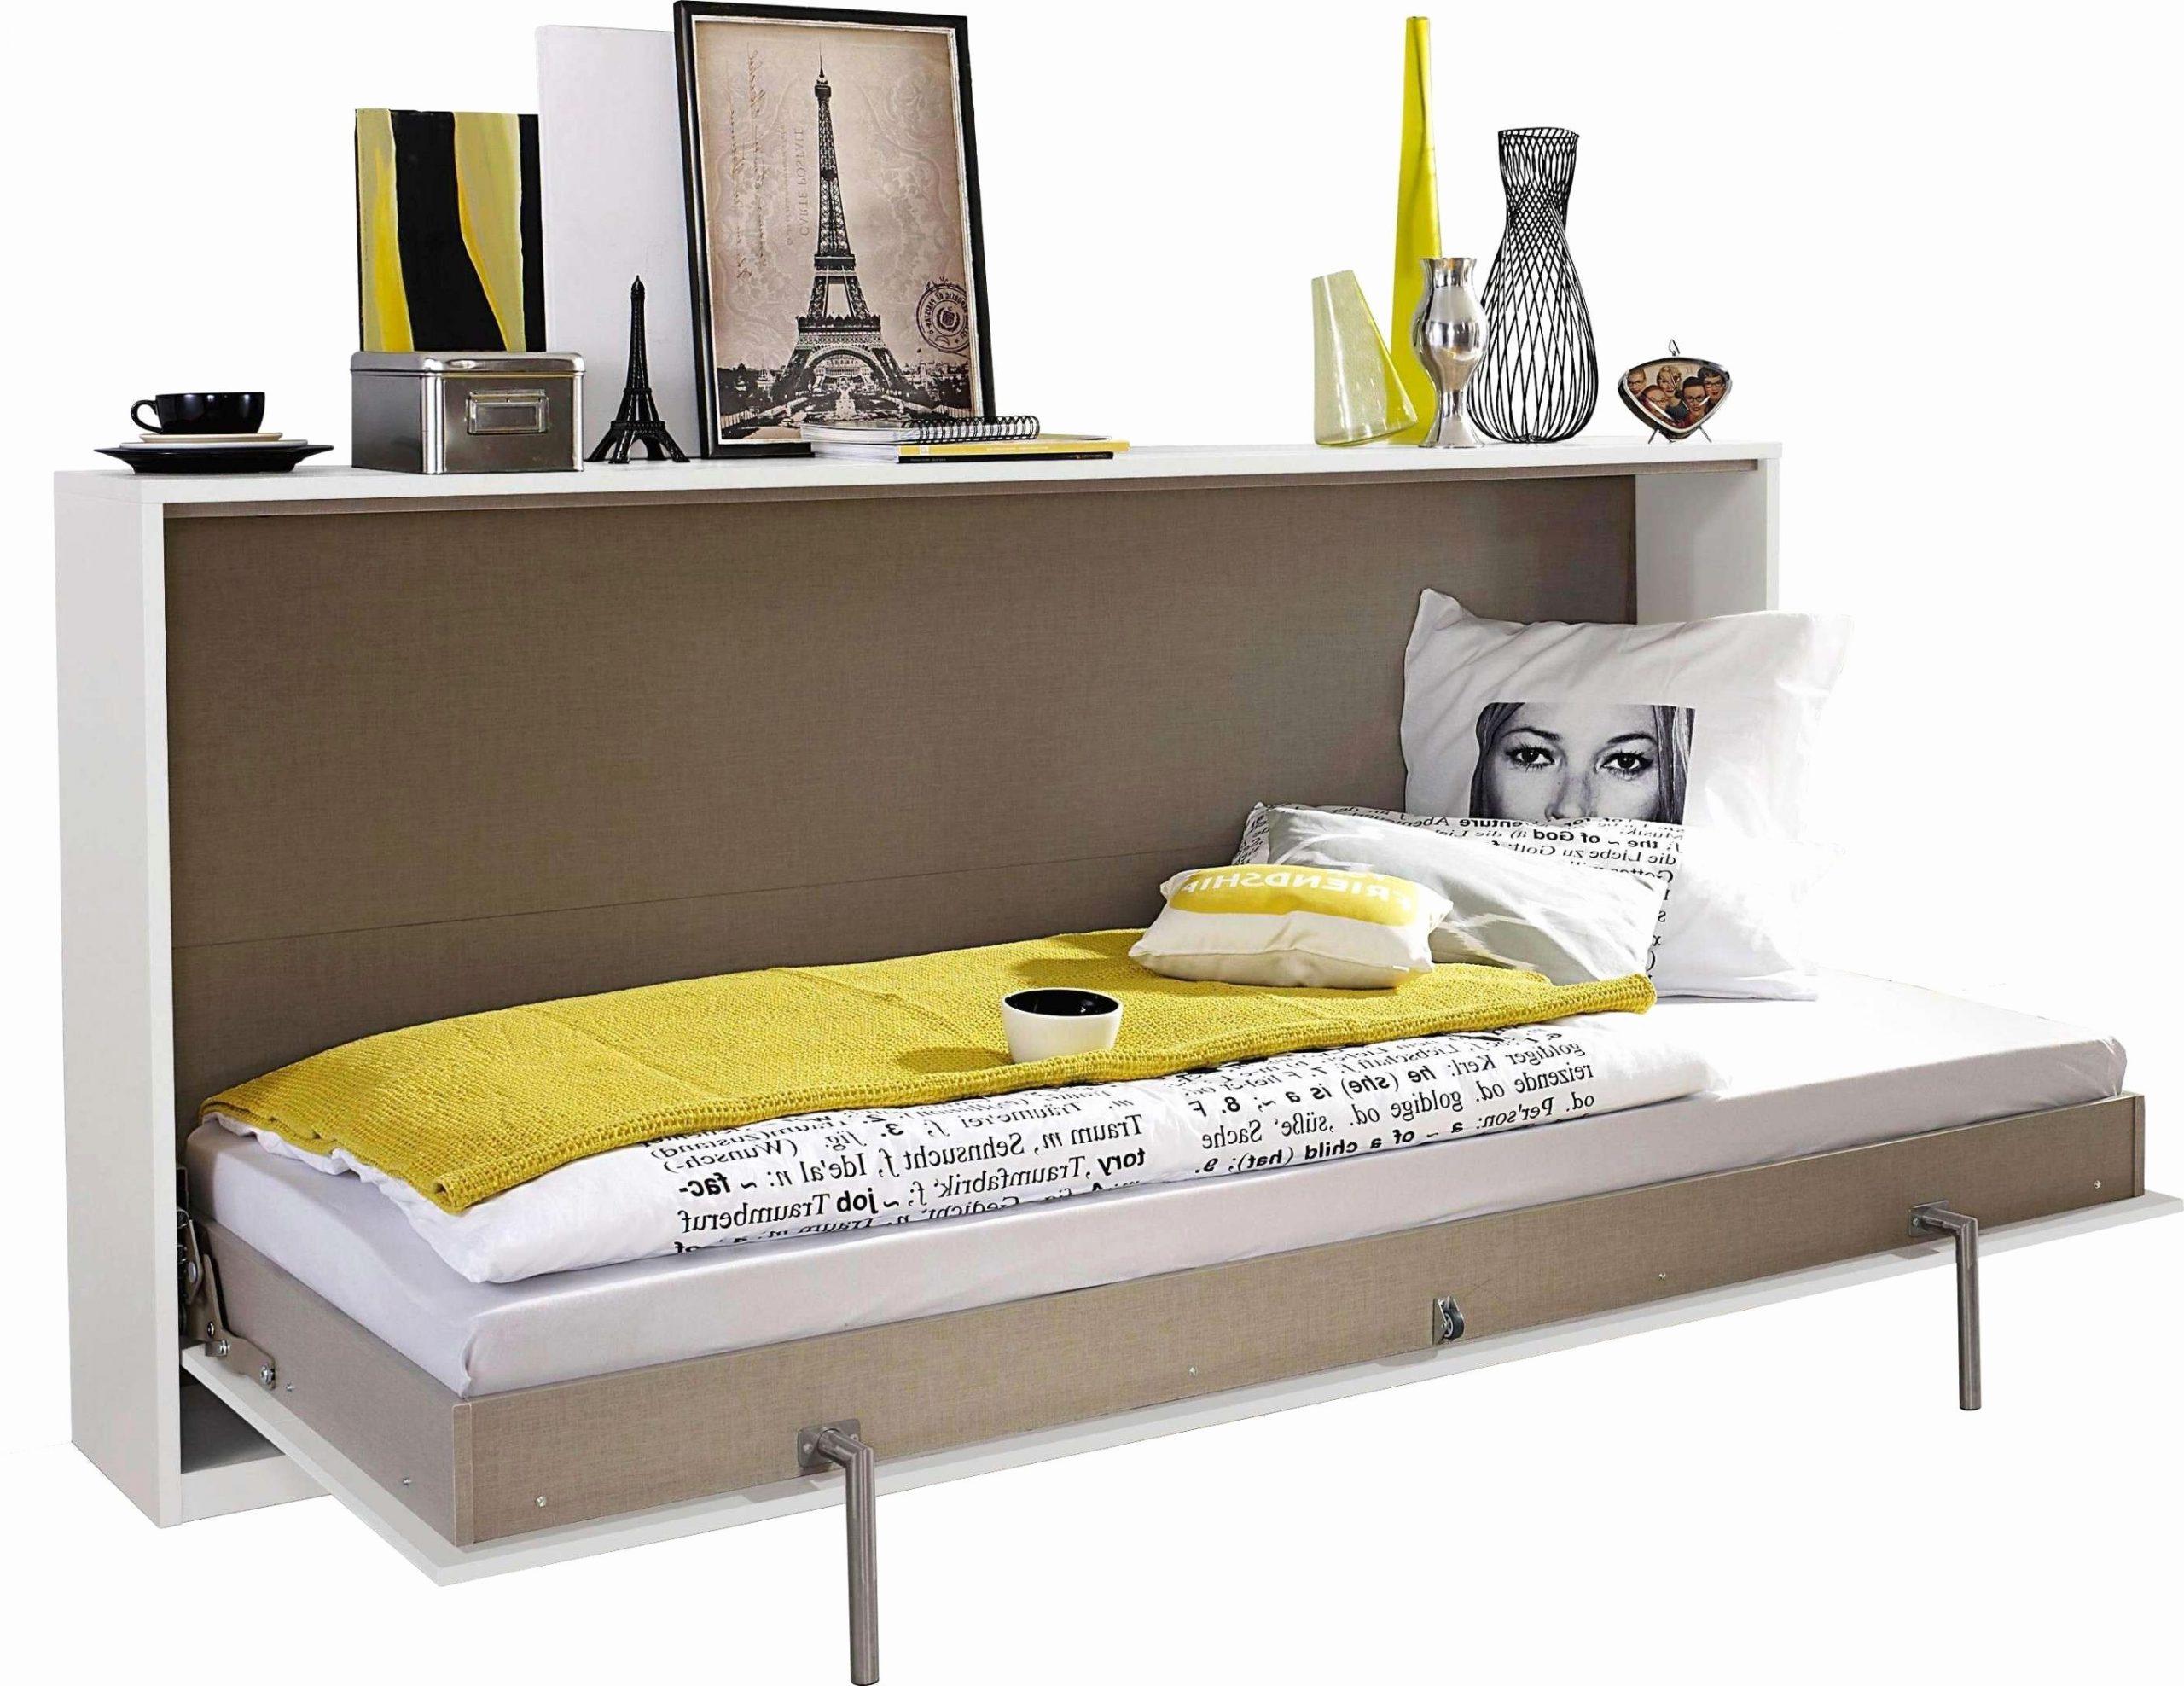 Full Size of W2n 45 Kleiderschrank Offen System Der Beste Mbelfhrer Stuhl Für Schlafzimmer Komplettes Teppich Landhausstil Kommode Truhe Weißes Sessel Set Mit Schlafzimmer Schranksysteme Schlafzimmer